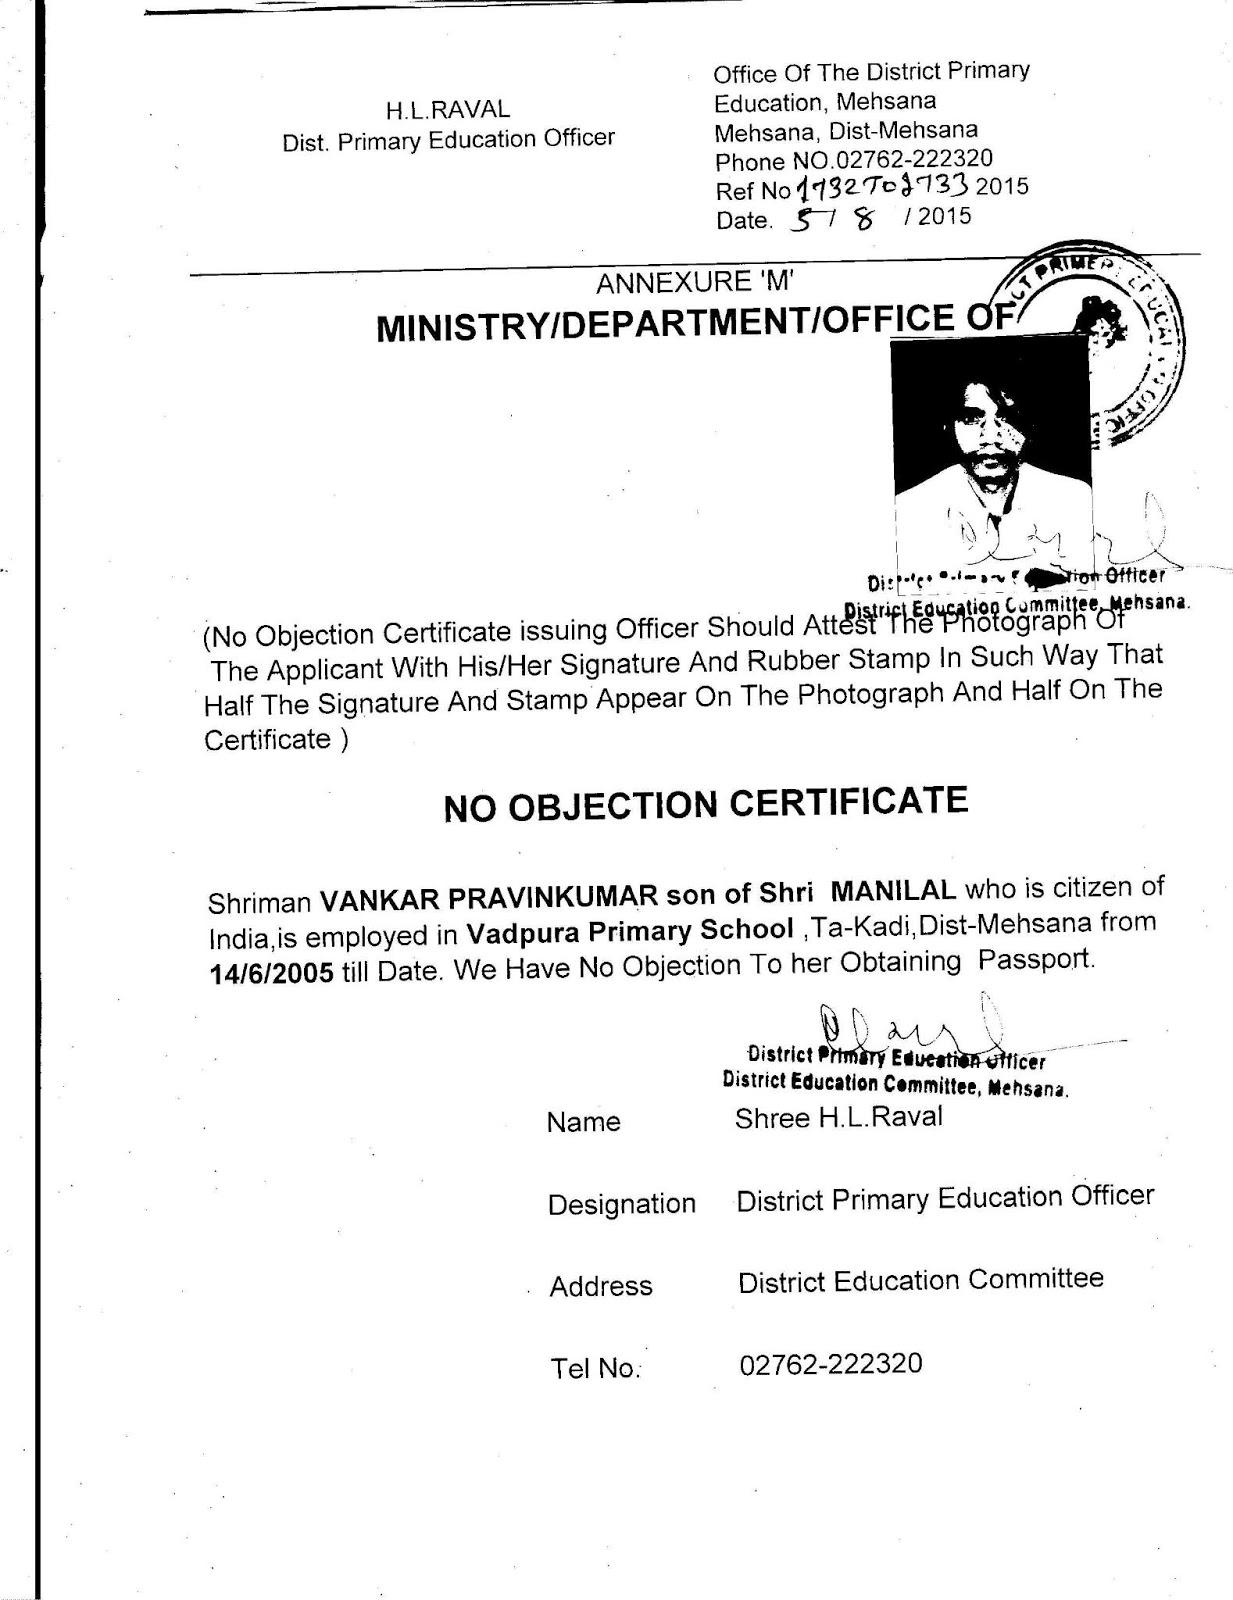 ALL EDUCATION NEWS PASSPORT NOC NA MANJOOR THAYELA KAGAL NO NAMOONO – Noc Format for Passport